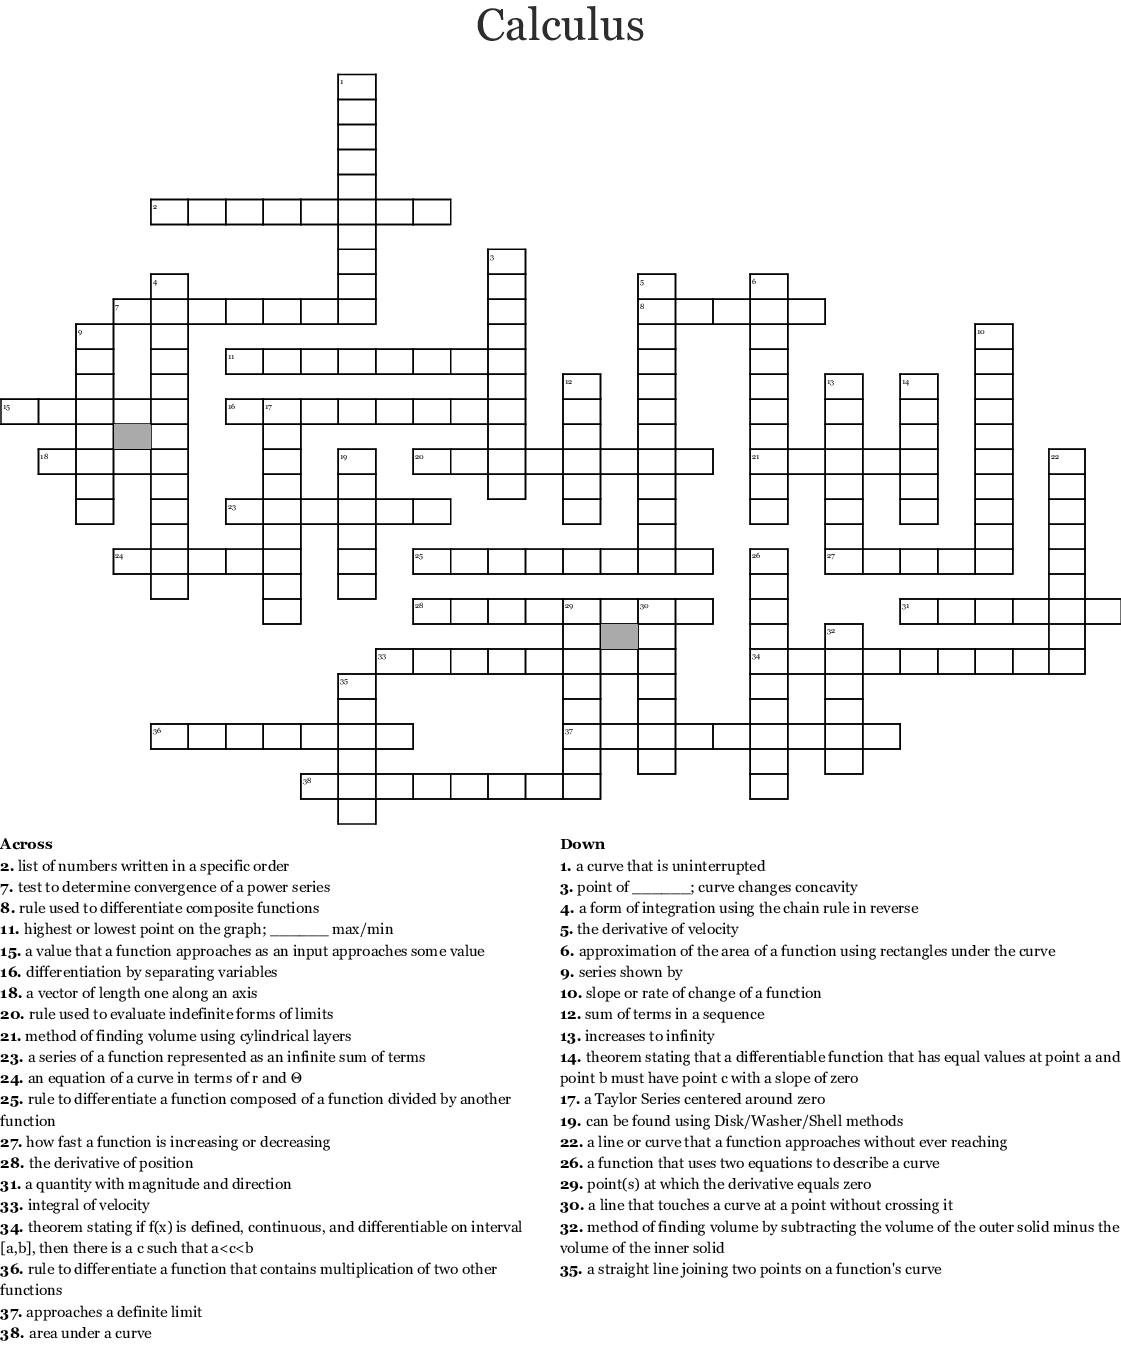 Calculus Crossword Puzzle